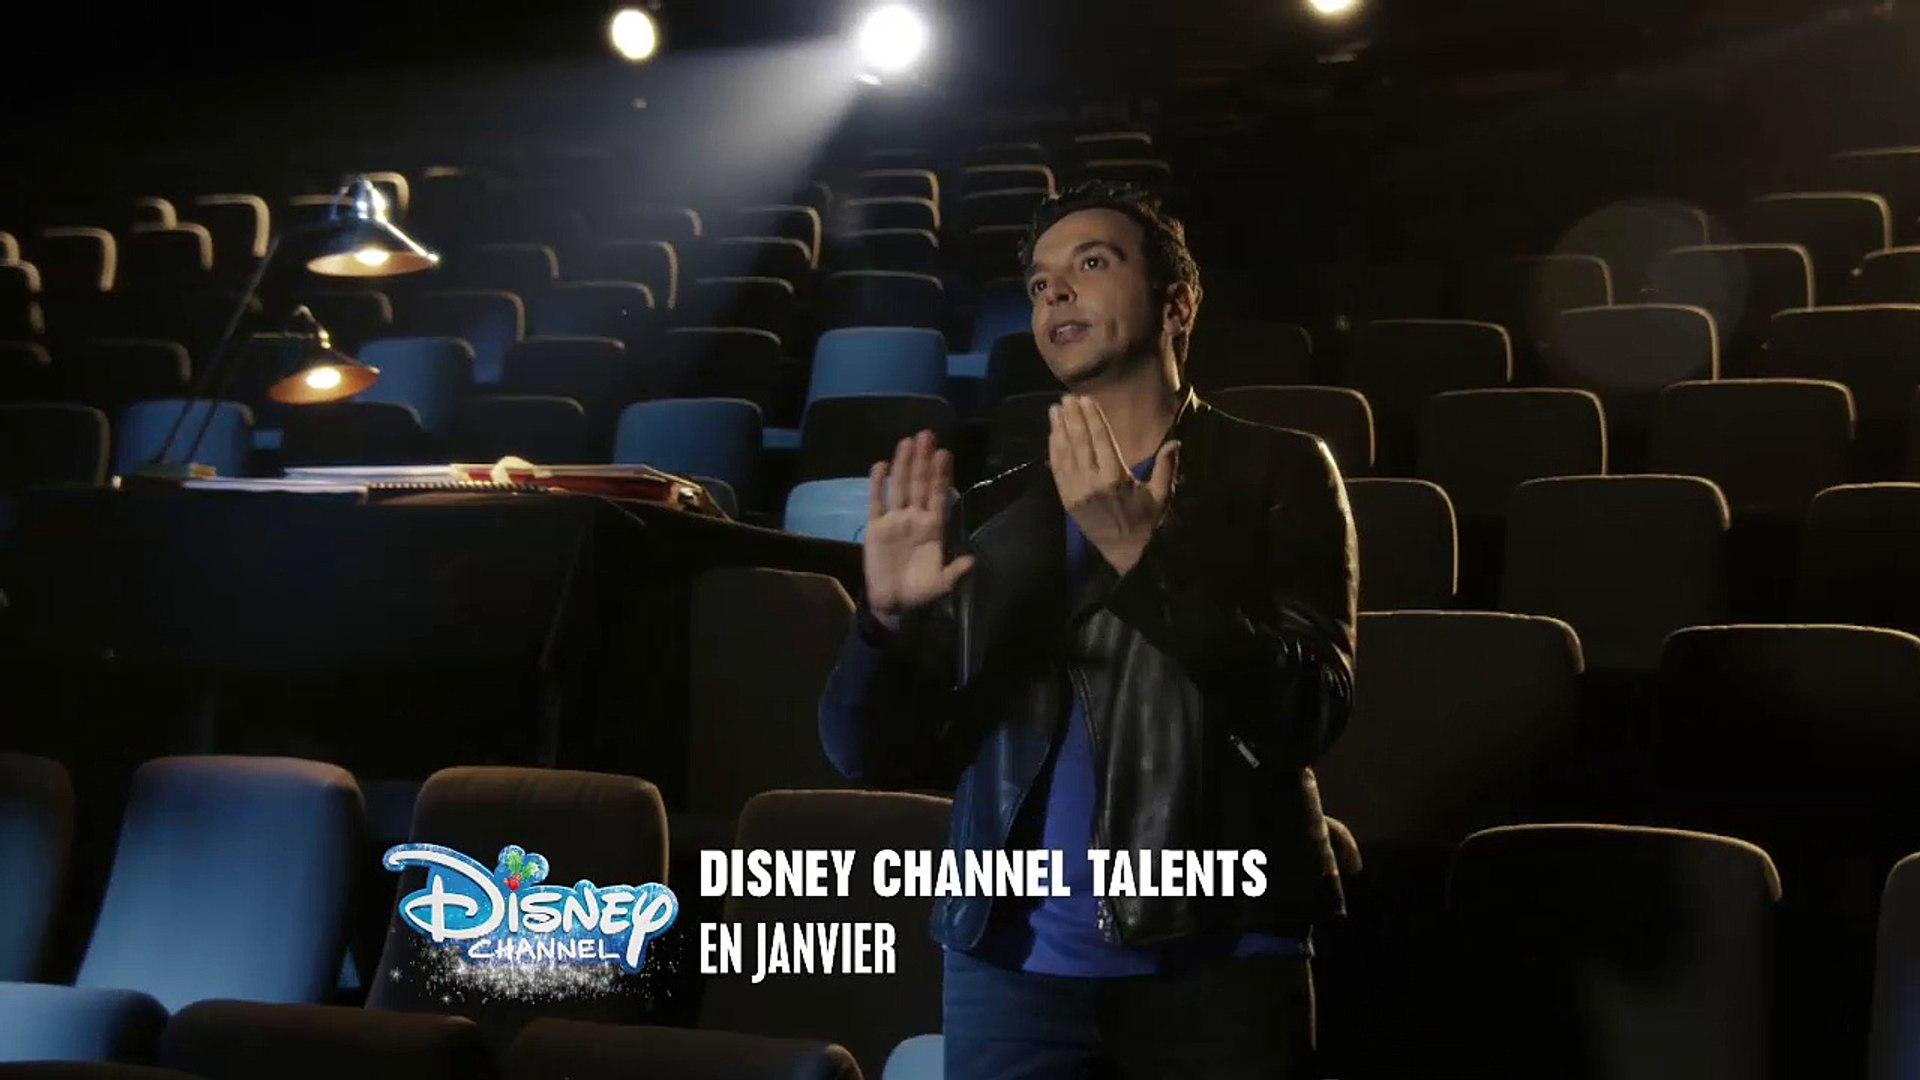 Disney Channel Talents